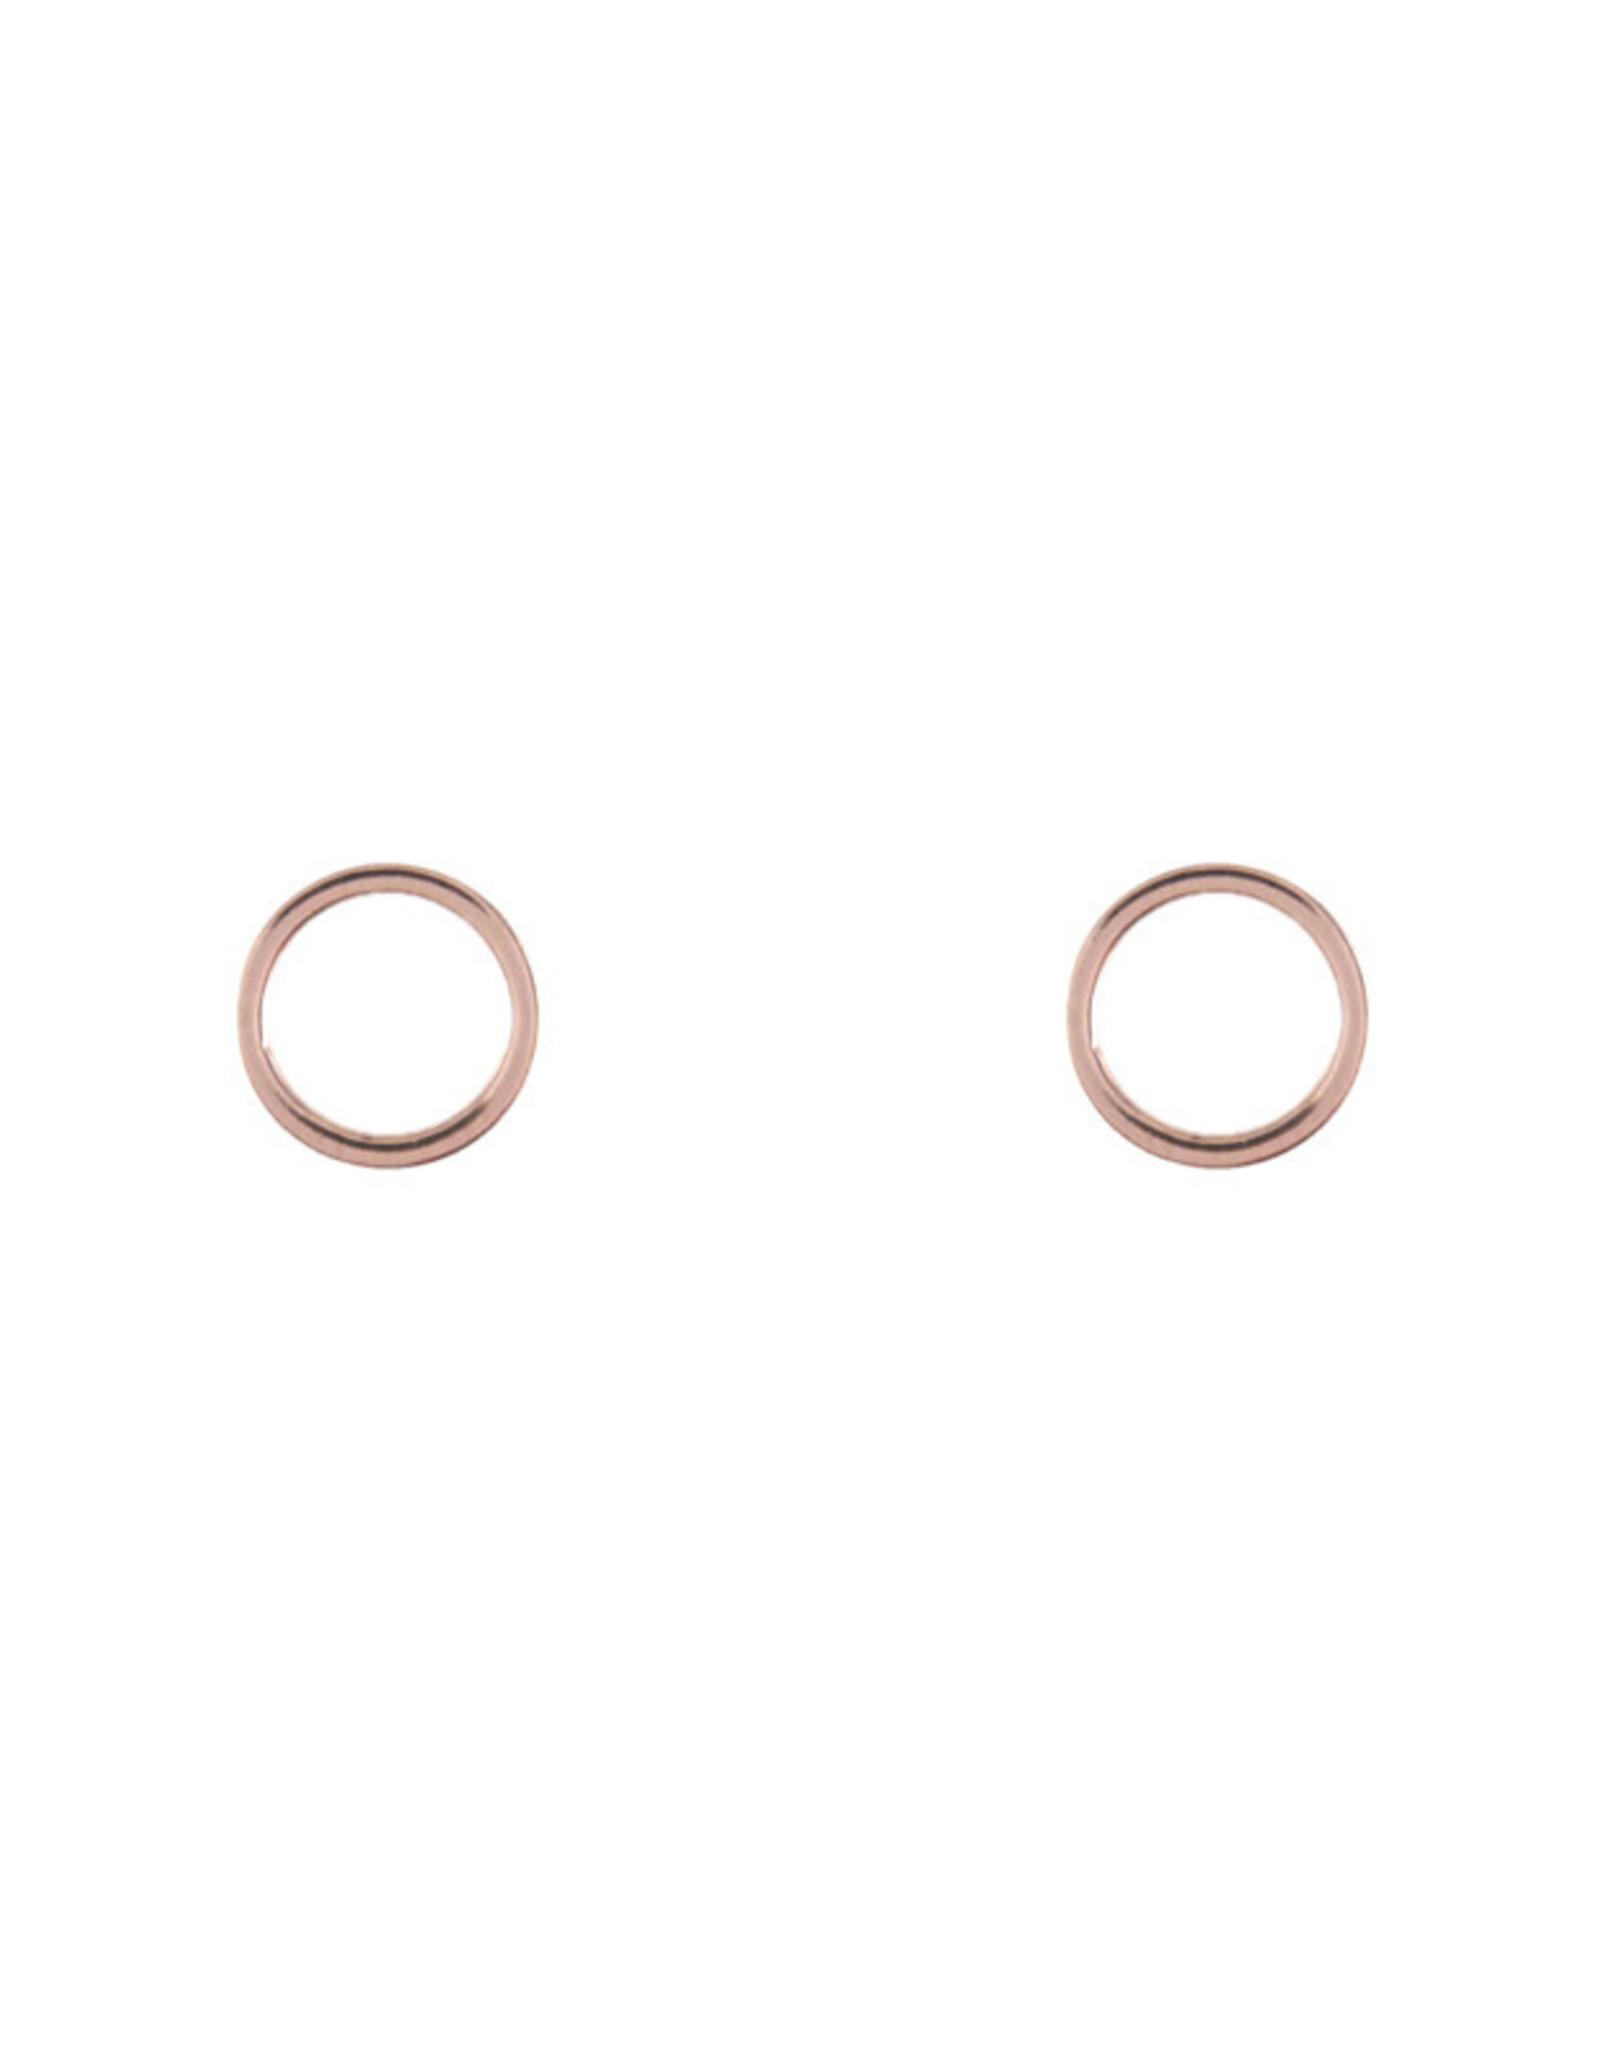 Lost & Faune Boucles d'oreilles - Cercles vides sur tiges